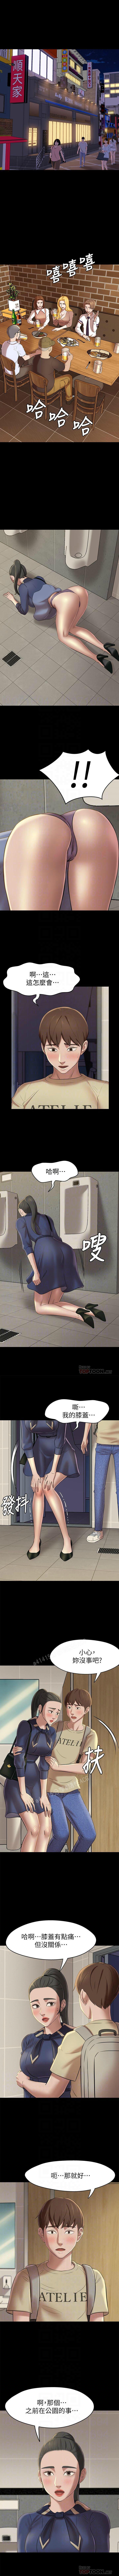 panty note 小褲褲筆記 小裤裤笔记 01-35 连载中 中文 重新排序 Reorder 138